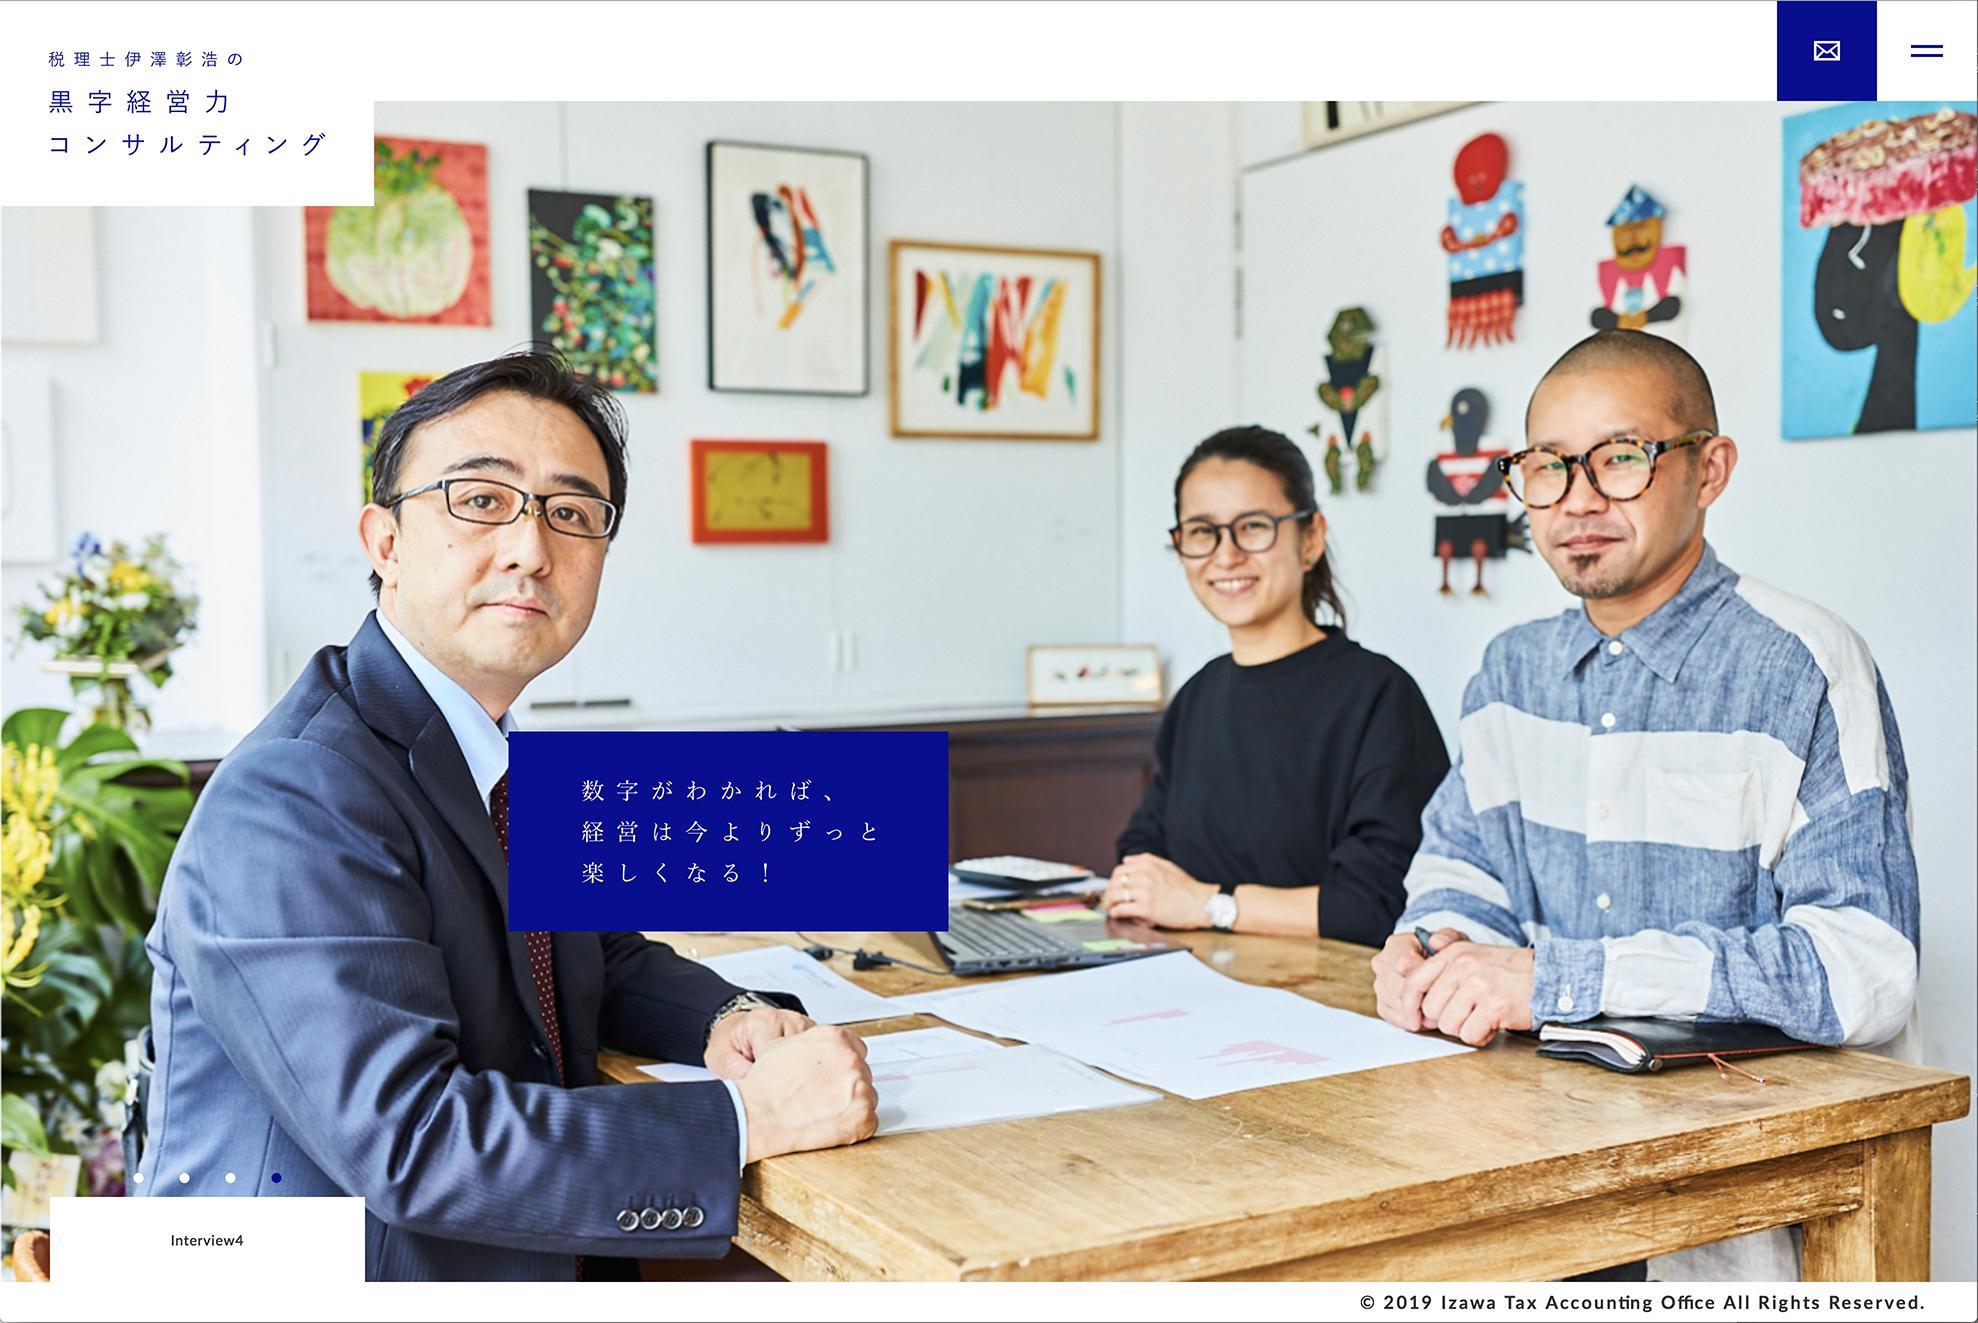 税理士 伊澤彰浩さまコンサルティング ウェブサイト